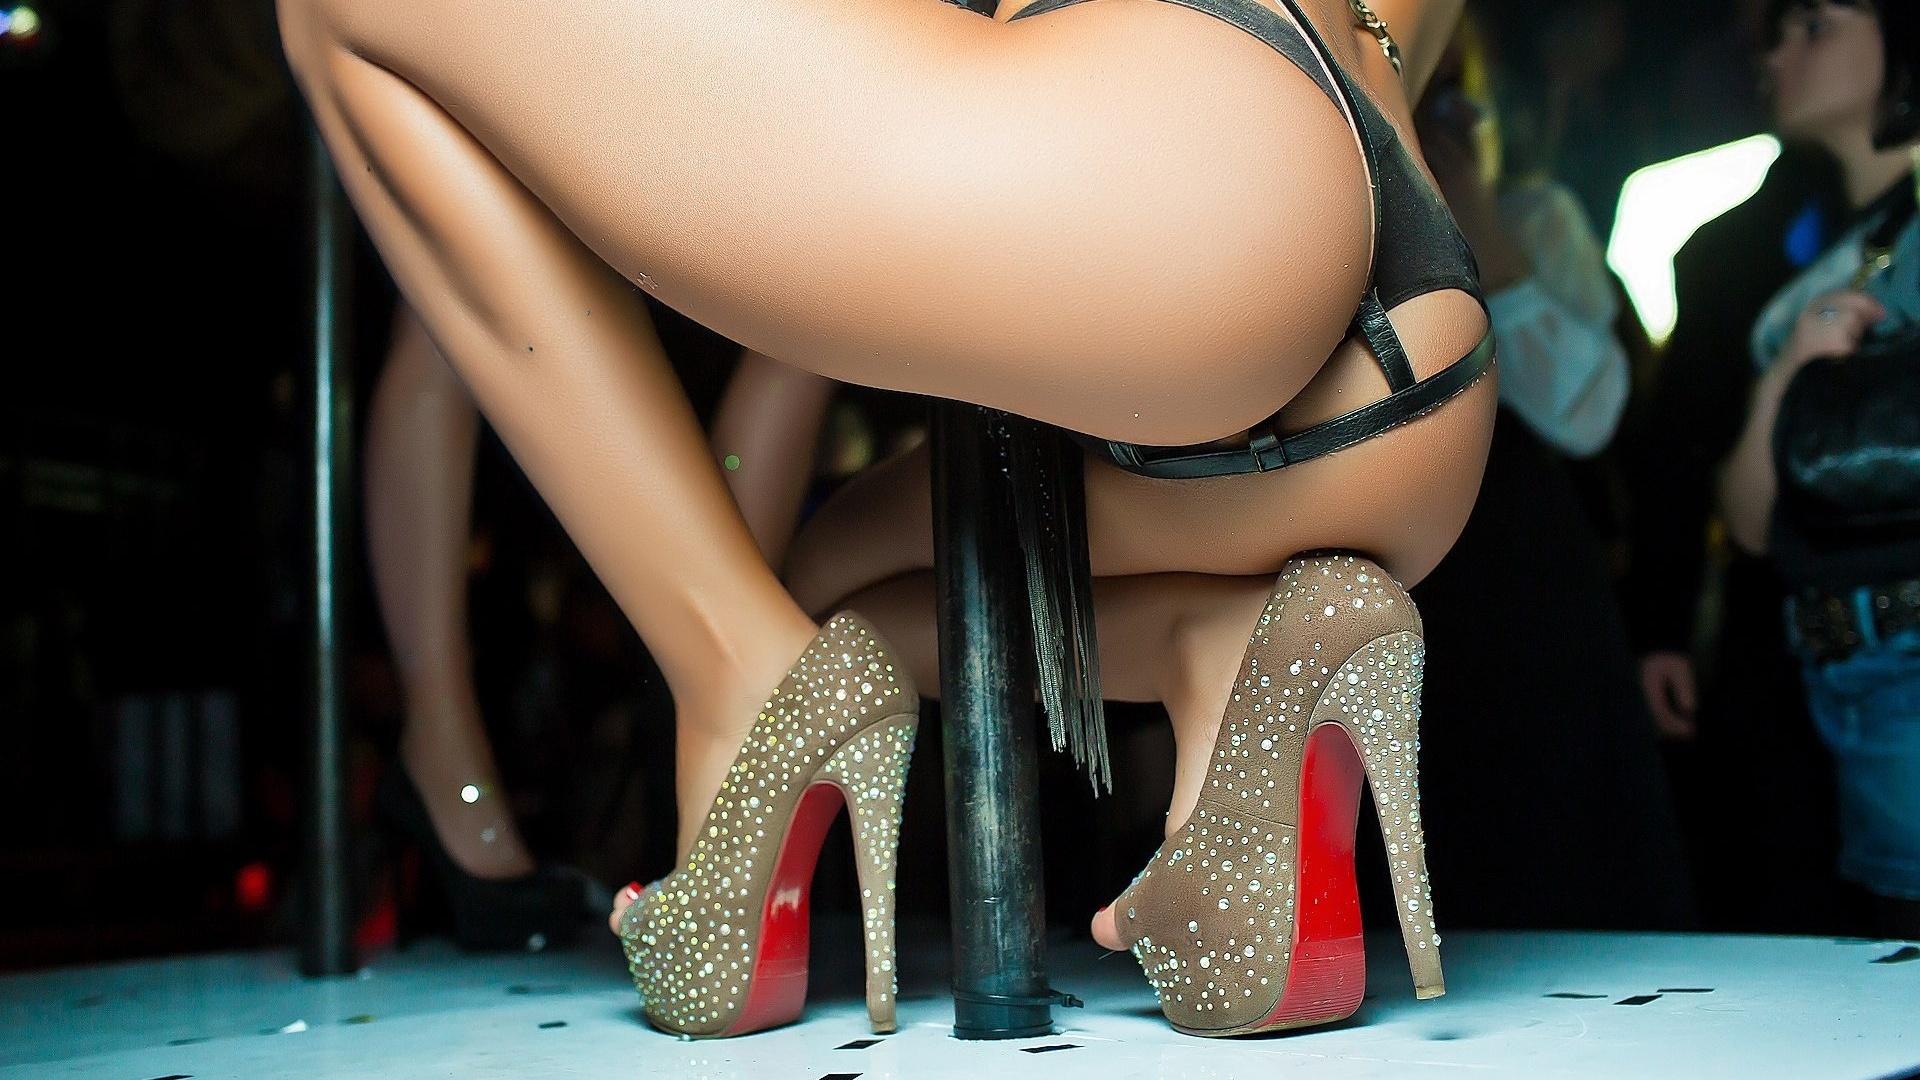 Шикарные танцы задницы, Лучший танец, исполненный исключительно женской попой! 28 фотография